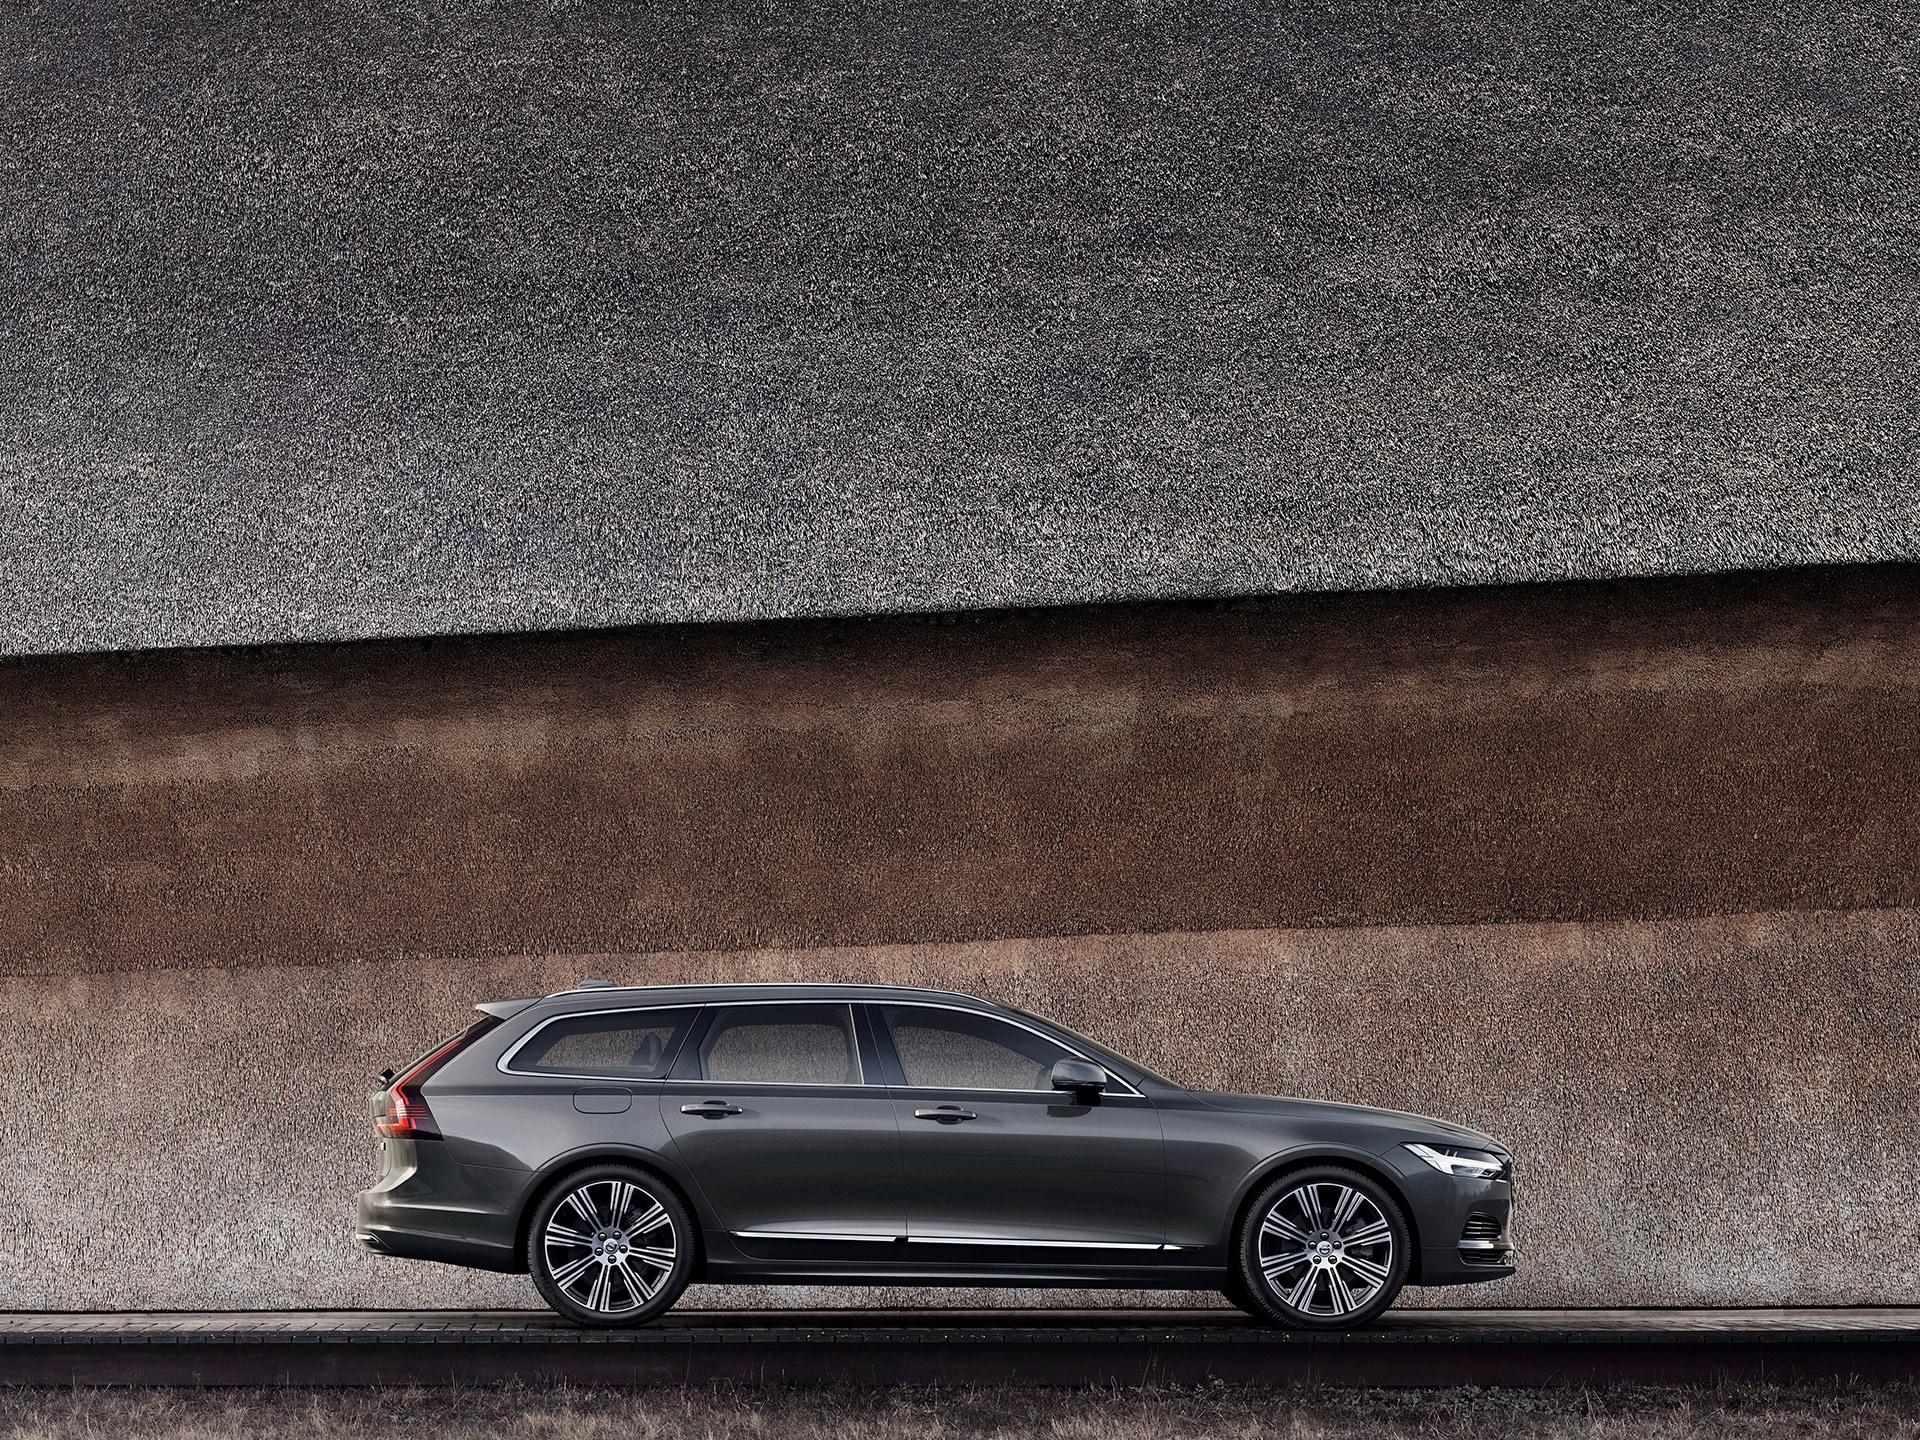 Ein dunkelgrauer Volvo V90, der vor einer Wand geparkt ist.